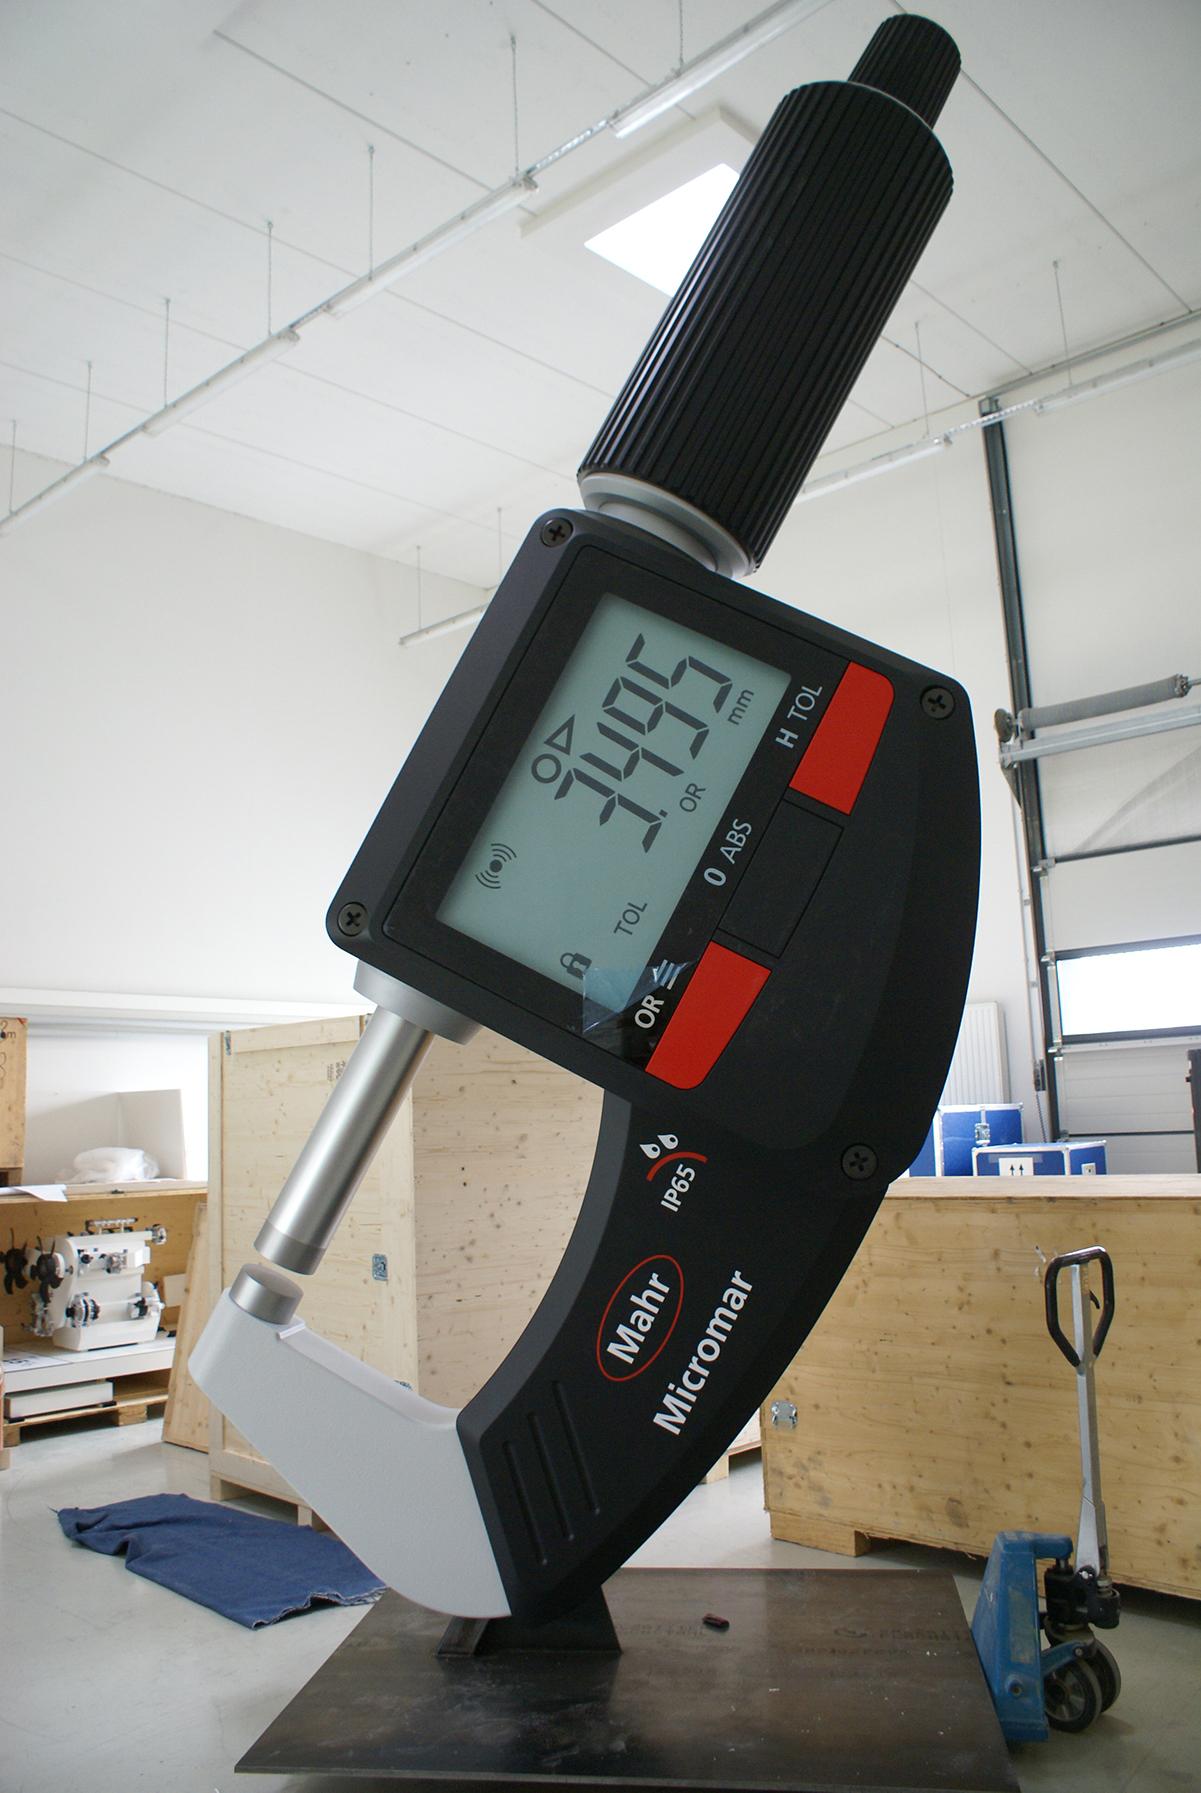 Bügelmessschraube M 30:1, Höhe 5 m, Mahr GmbH